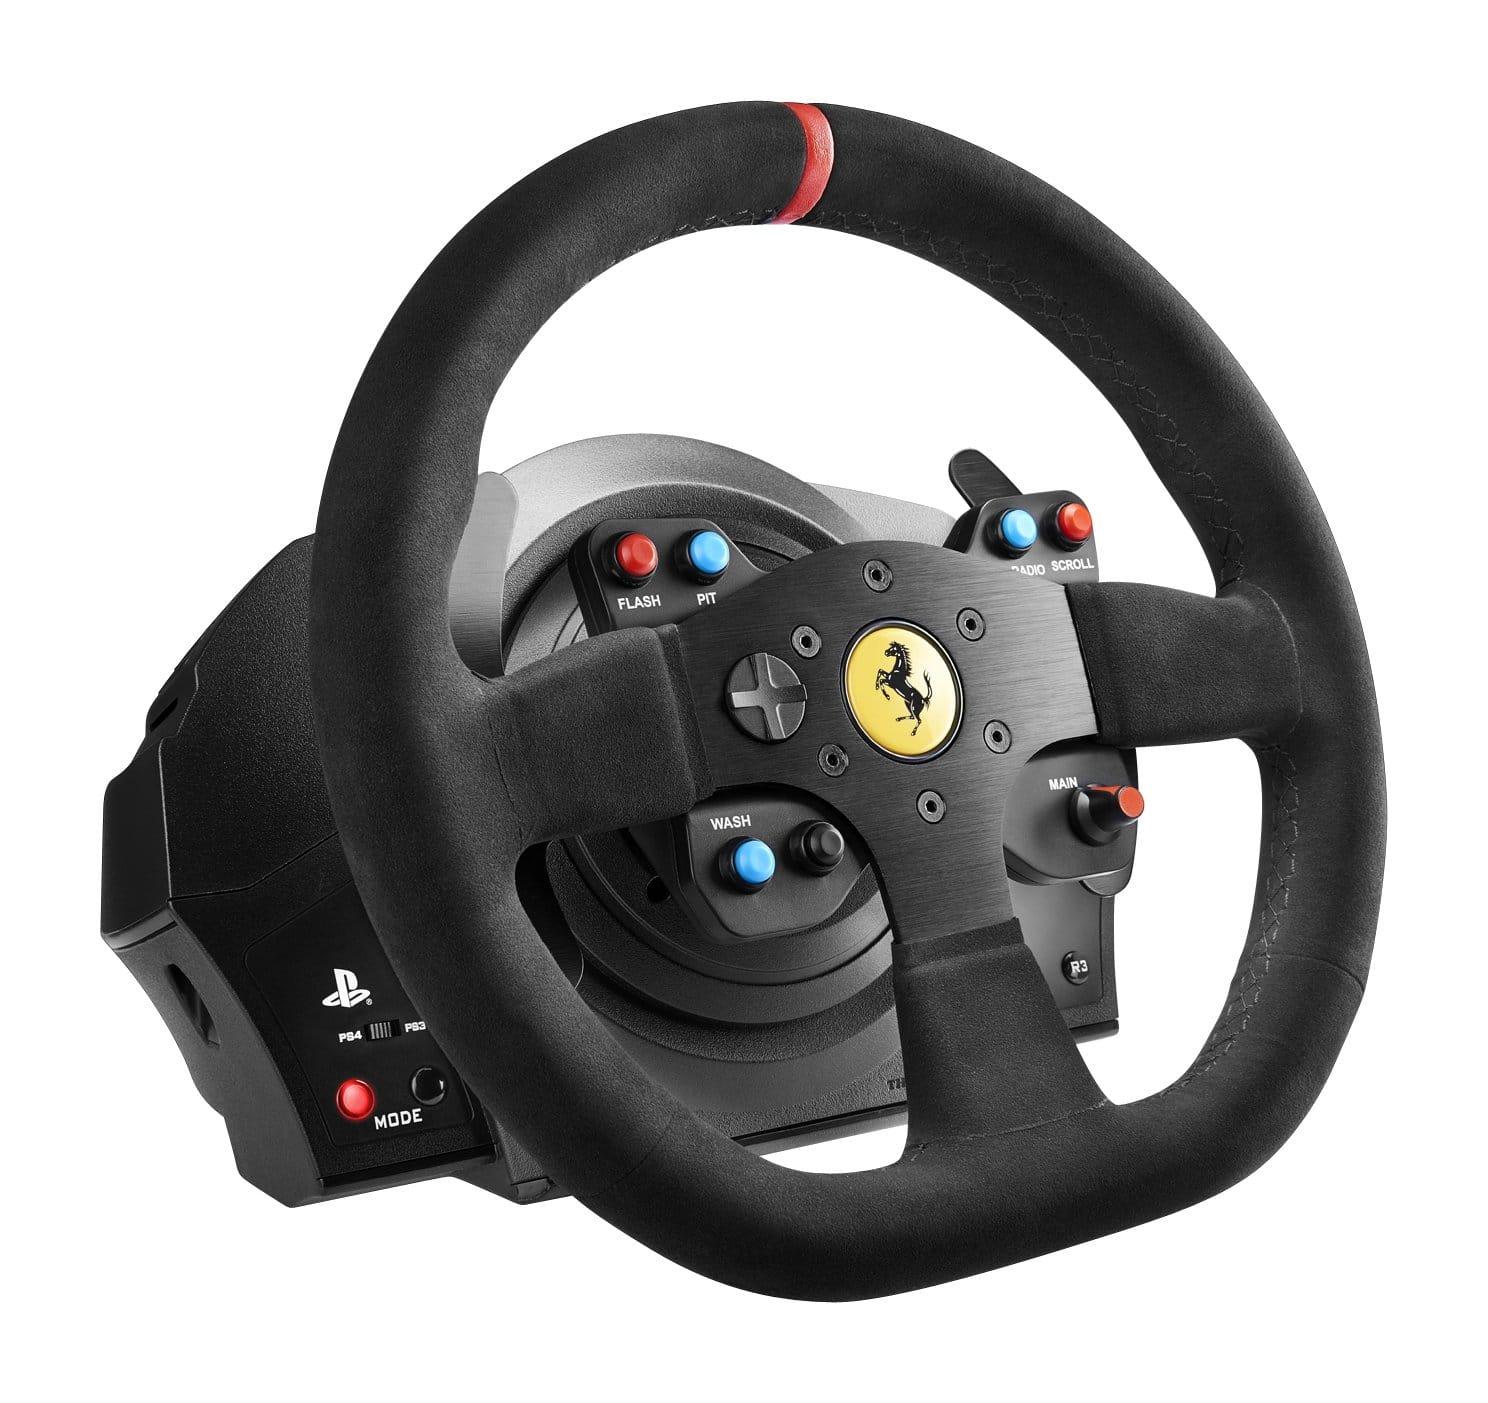 Force-Feedback-Rennsimulator der nächsten Generation für PlayStation4 und PlayStation3 (auch PC-kompatibel) - Komplettes Sammler-Paket! - Abnehmbarer Rennlenker Ferrari 599XX EVO (30 cm mit Alcantara), T300 SERVO BASE, T3PA 3-Pedal-Set DER abnehmbare Replika-Rennlenker des Ferrari 599XX EVO - 8:10-Replika des 599XX EVO-Lenkrads, offiziell von Ferrari lizenziert ; Handvernähter Überzug aus dem gleichen Alcantara-Material wie bei den echten Ferrari-Lenkrädern (Import aus Italien) Struktur des Lenkrads entspricht realen Automobilstandards, mit zentraler Steuerplatte aus gebürstetem Metall und einem Gewicht von weniger als 1,2 kg (blitzschnelle Force-Feedback-Ansprache) T3PA 3-Pedal-Set; Pedale und interne Bauteile 100% Metall; Conical Rubber Brake MOD inklusive (mit ultra-progressiver Druckkraft am Ende des Bremspedalwegs); 3 vollständig justierbare Pedale (Abstand, Neigung und Höhe) Kompatibel mit weiteren Thrustmaster-Produkten : T3PA PRO* Pedalset, TH8A* Gangschaltung, weitere abnehmbare Thrustmaster-Rennlenker* * Separat erhältlich